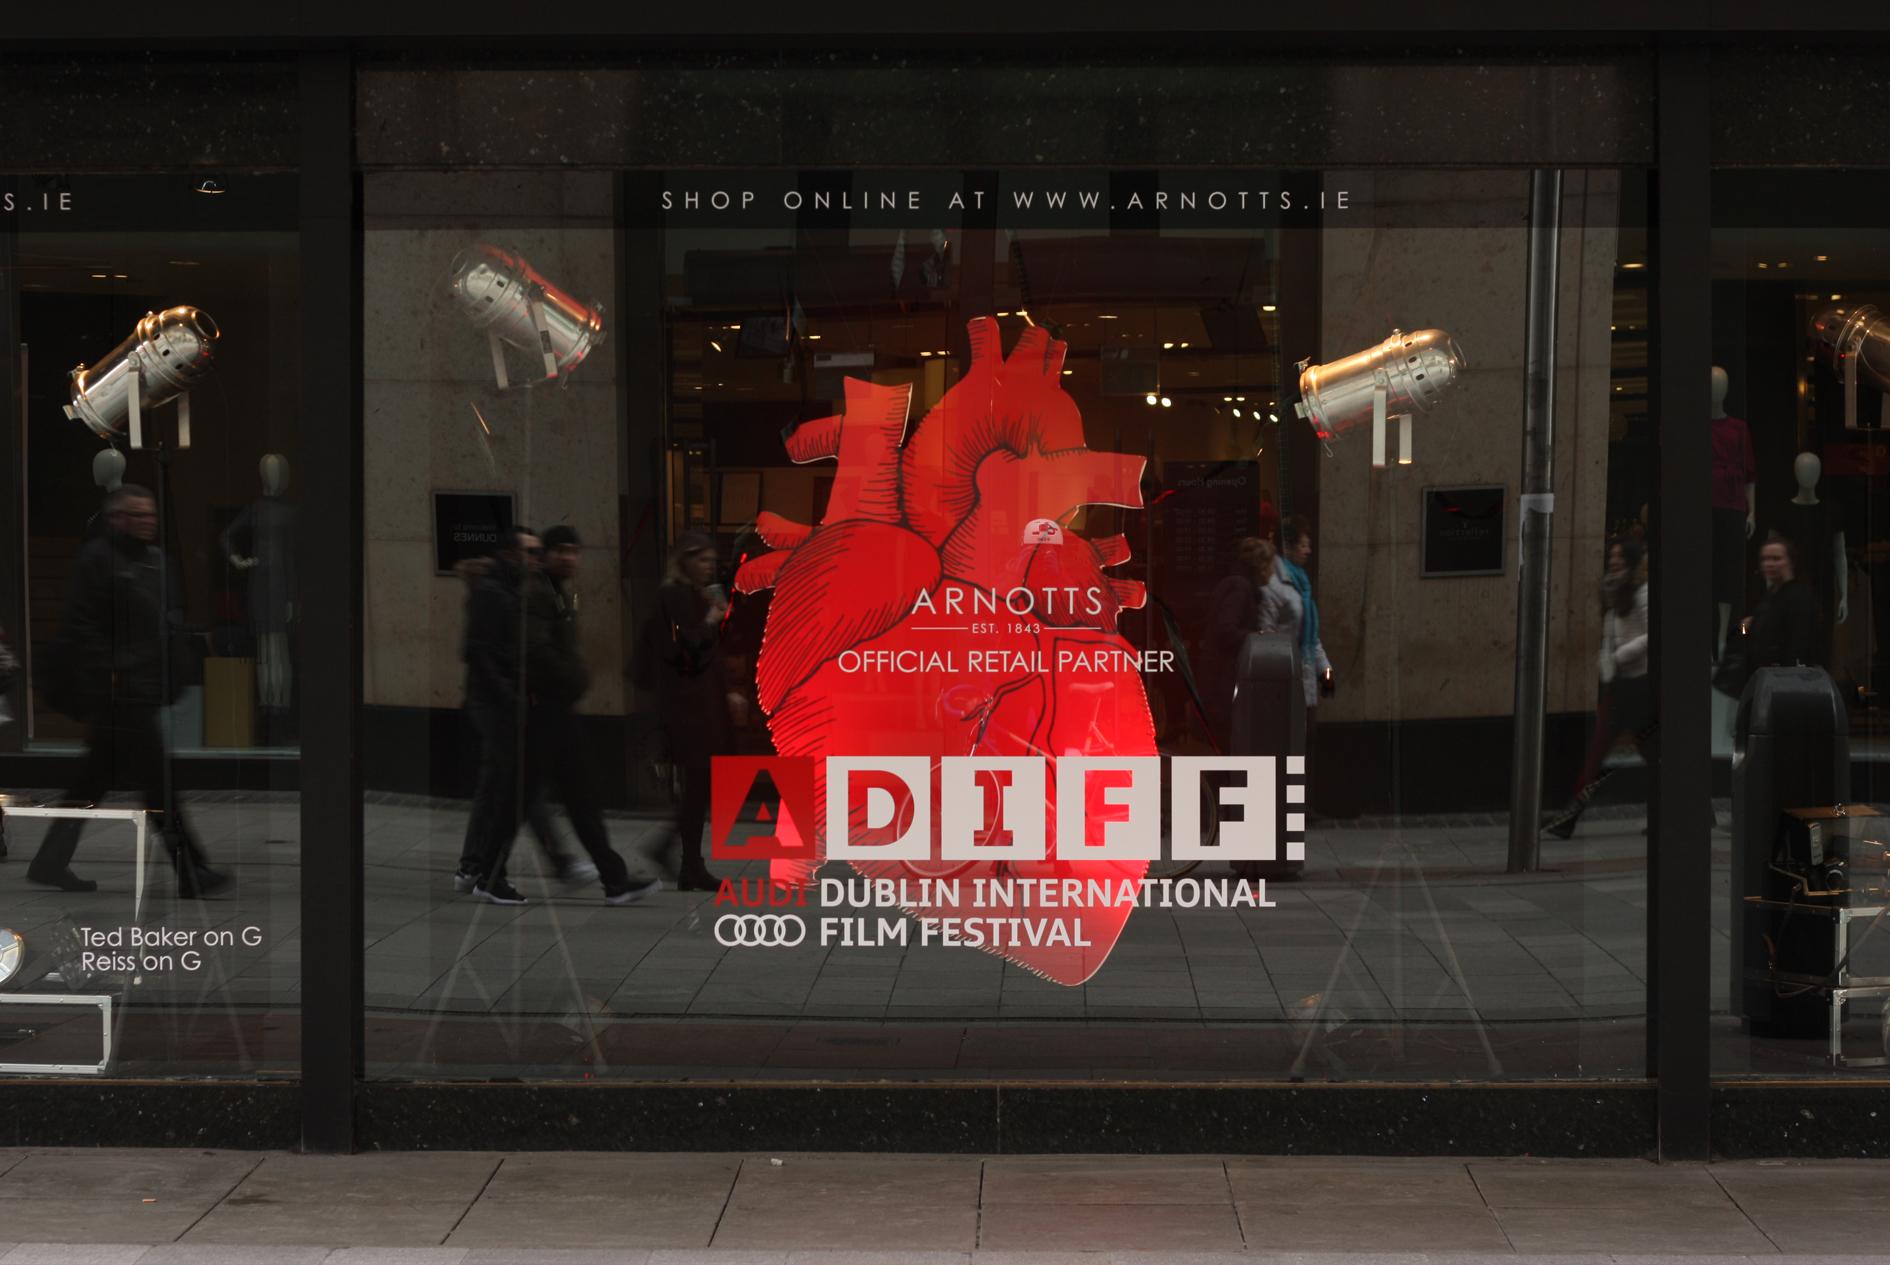 Cover image: Designing ADIFF